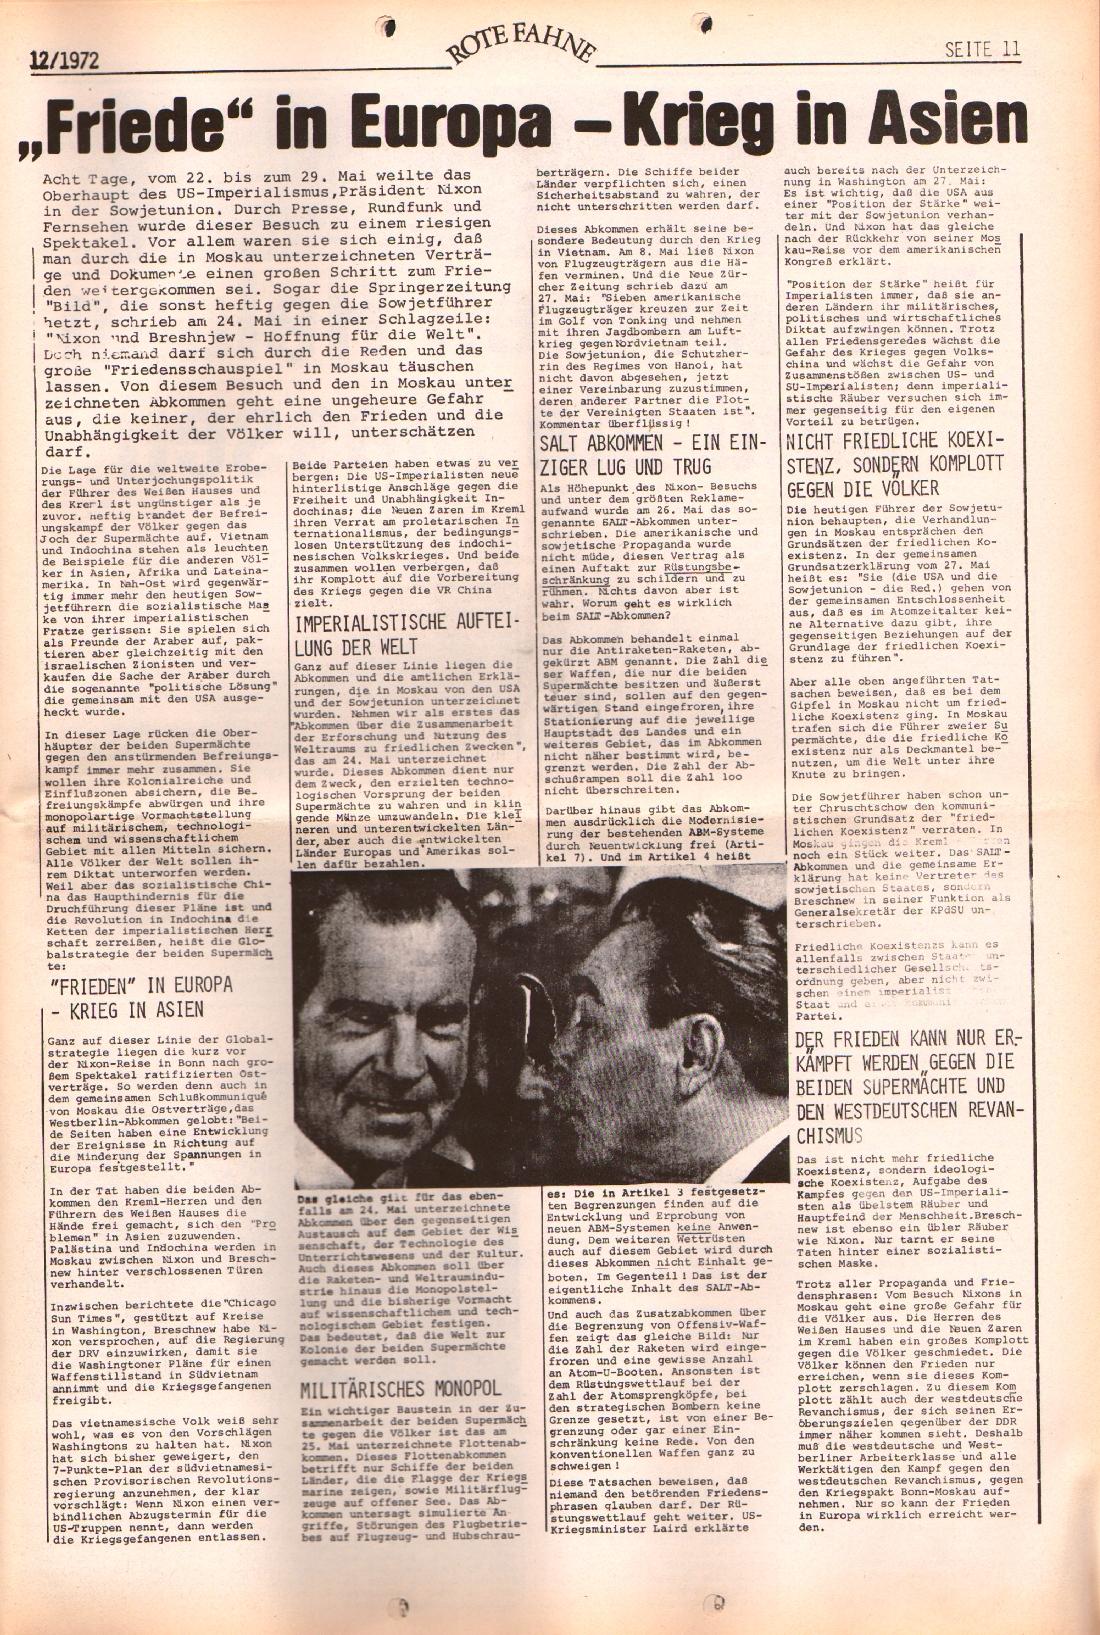 Rote Fahne, 3. Jg., 12.6.1972, Nr. 12, Seite 11